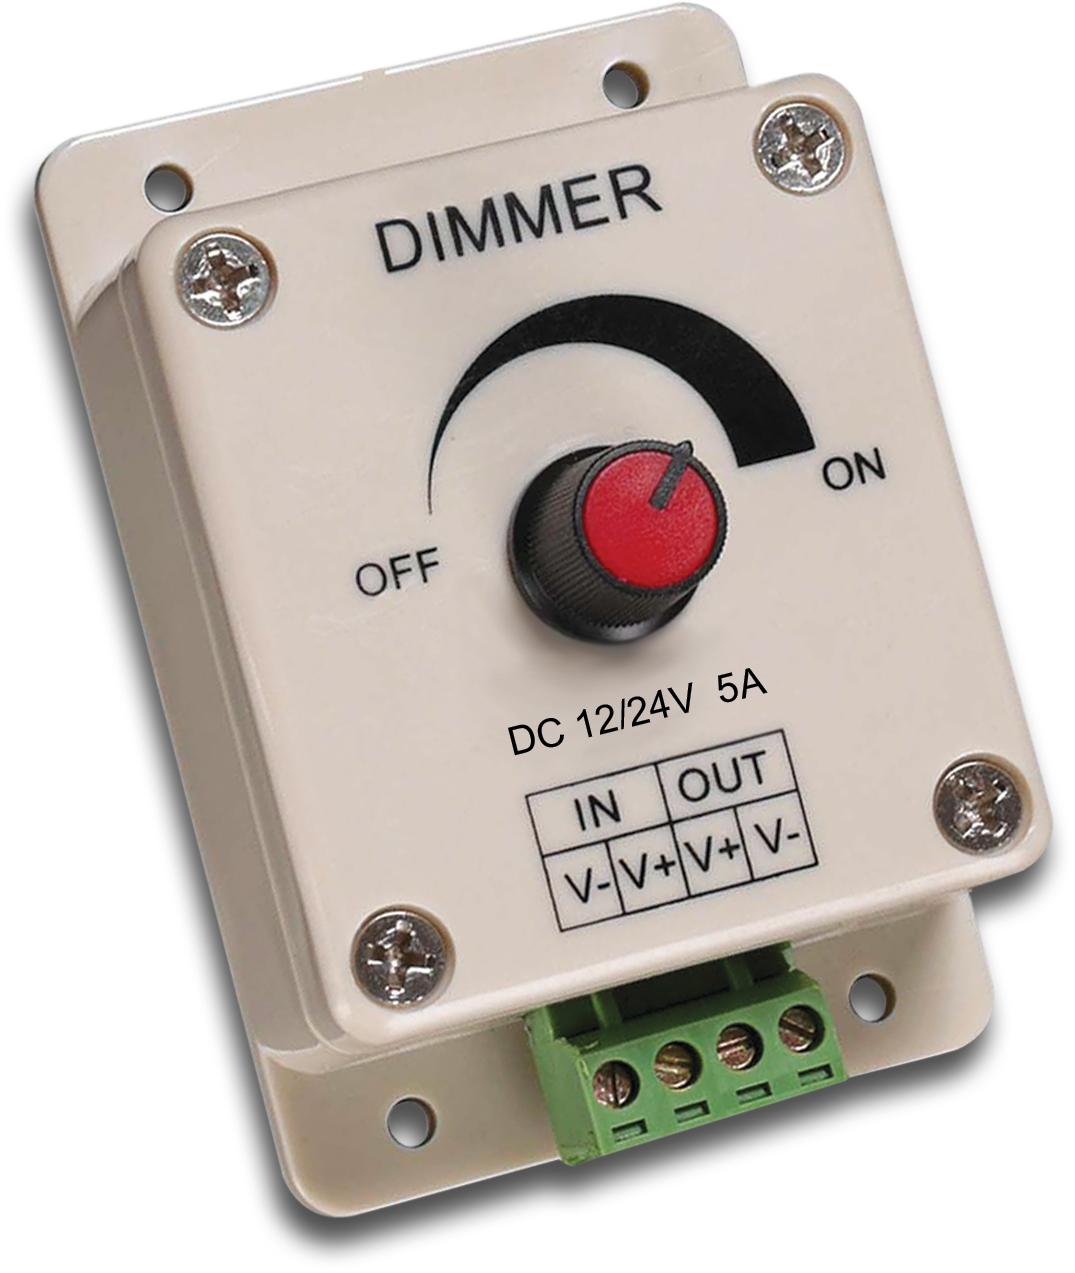 Диммер для ламп накаливания — виды, как выбрать, лучшие модели и производители